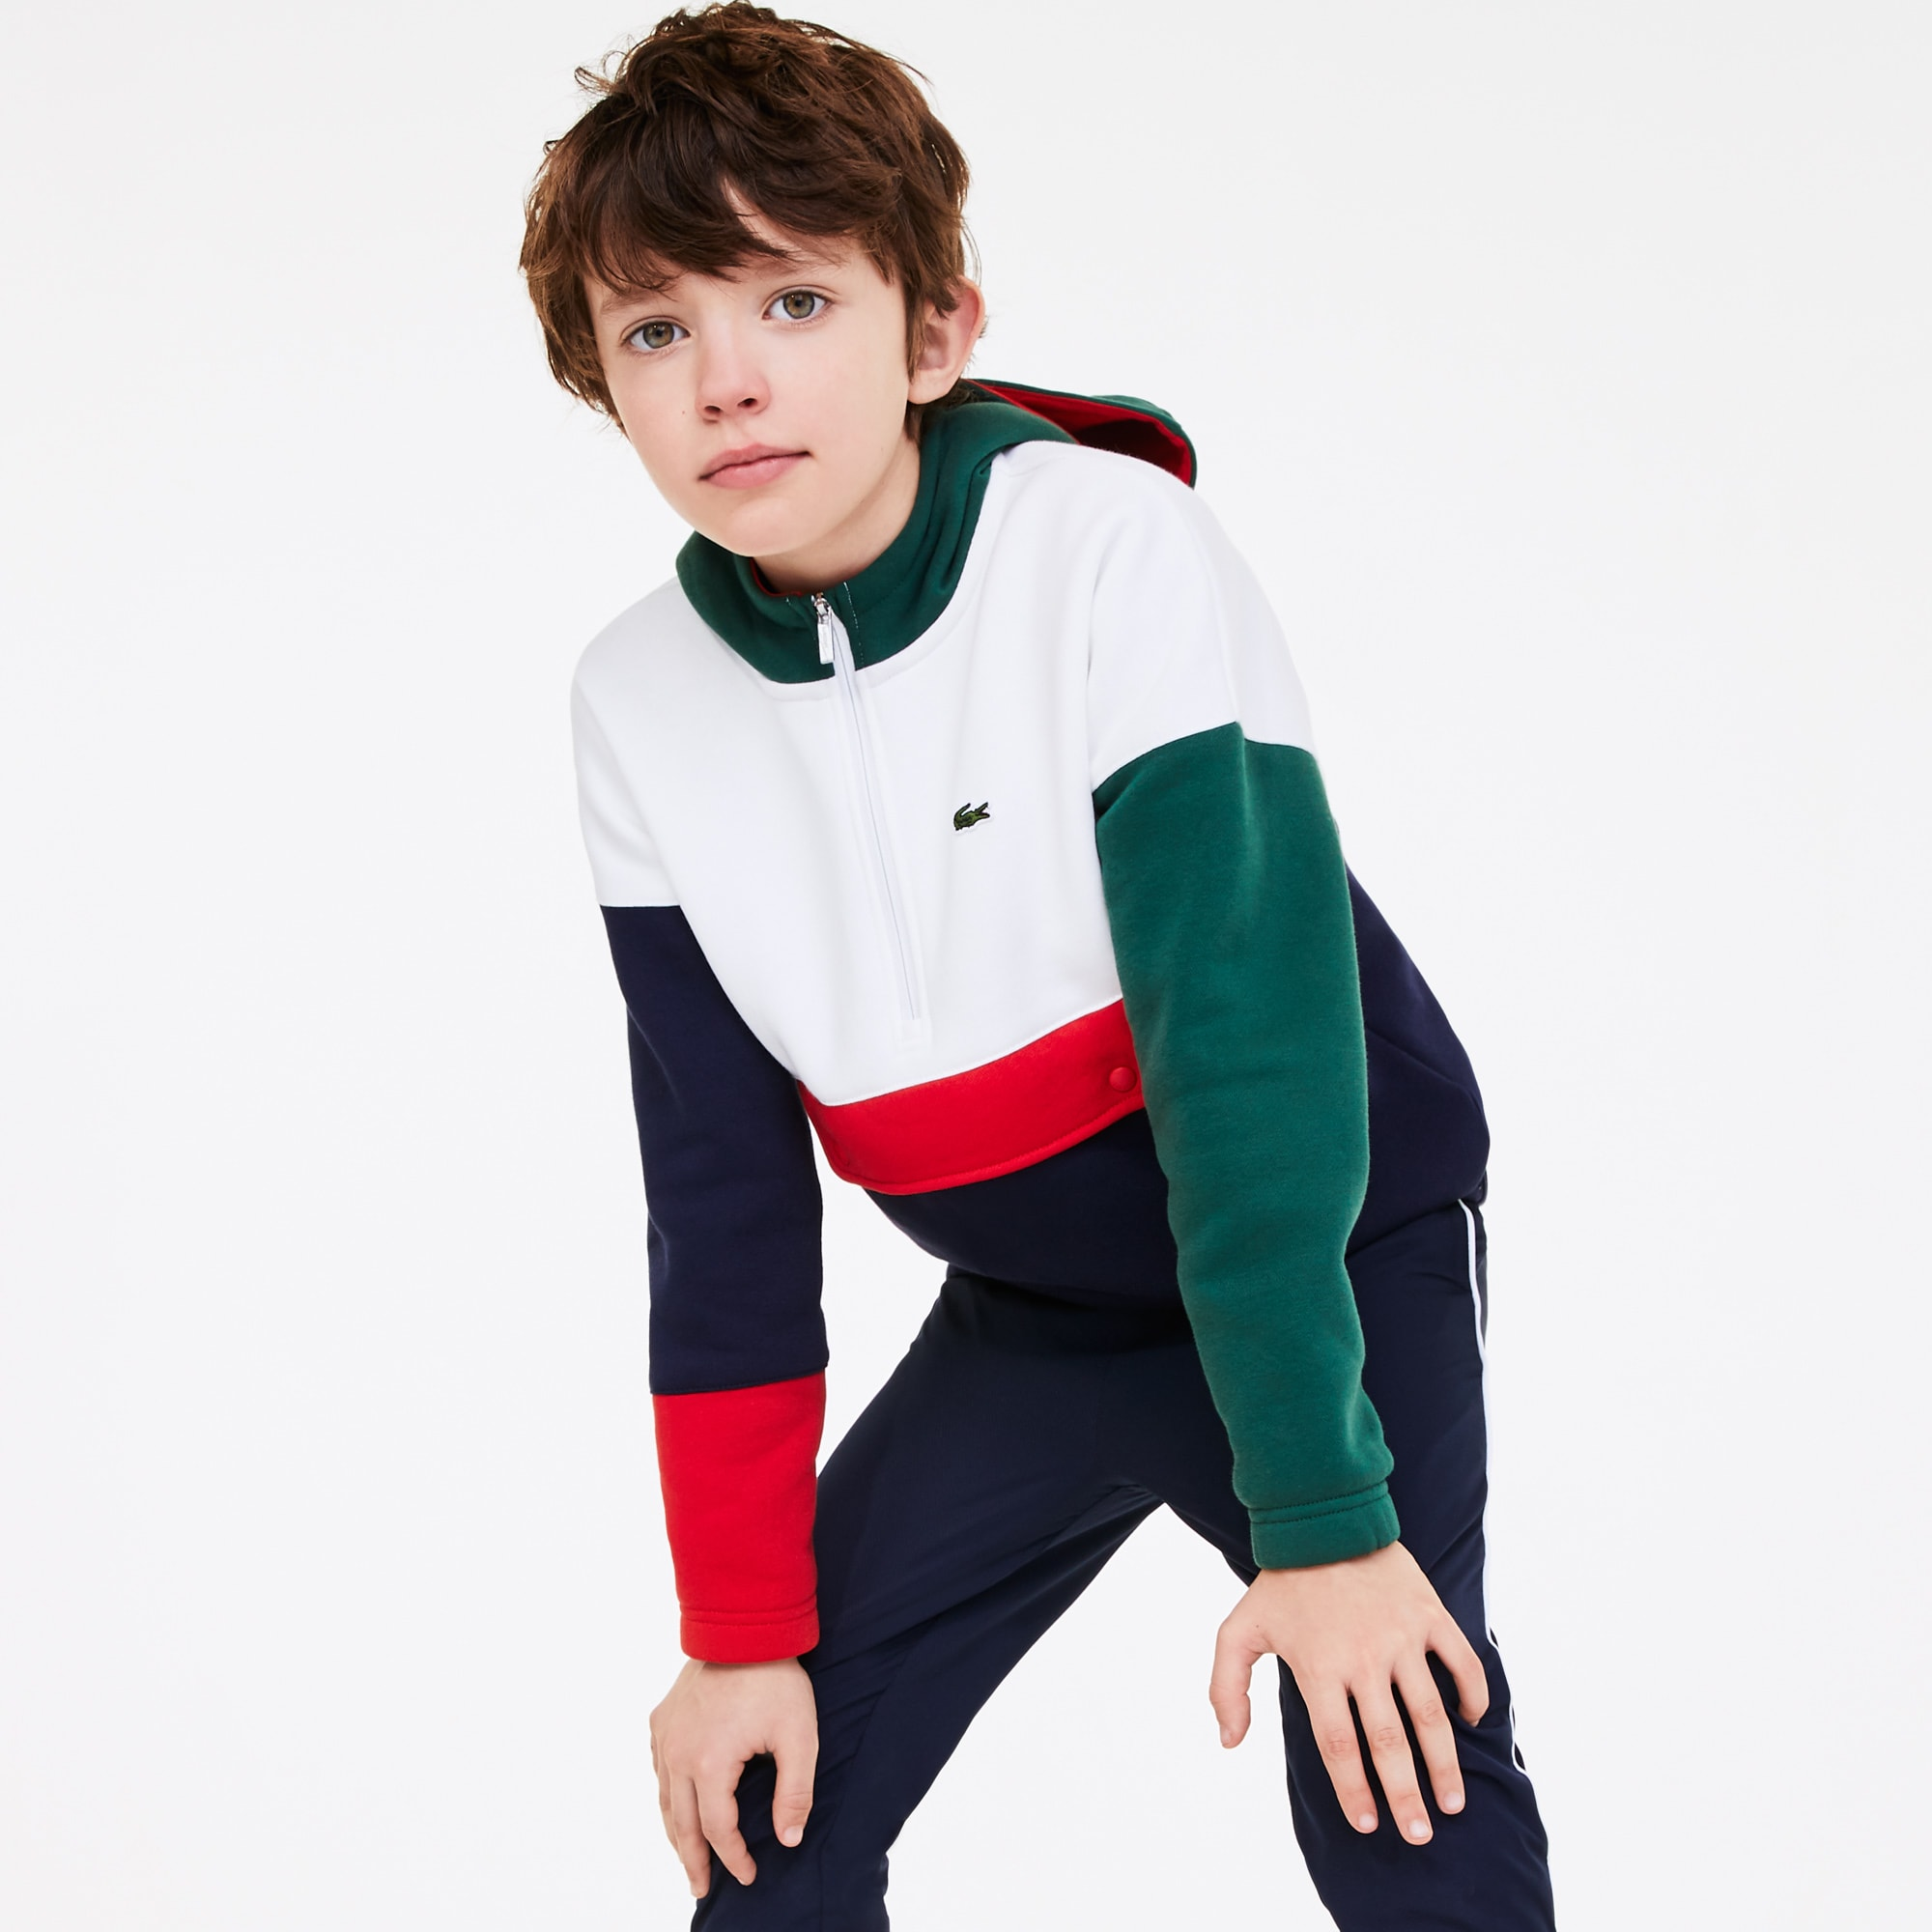 라코스테 Lacoste Boys' Colourblock Pullover Fleece Sweatshirt,Green / White / Navy Blue / Red • 8GJ